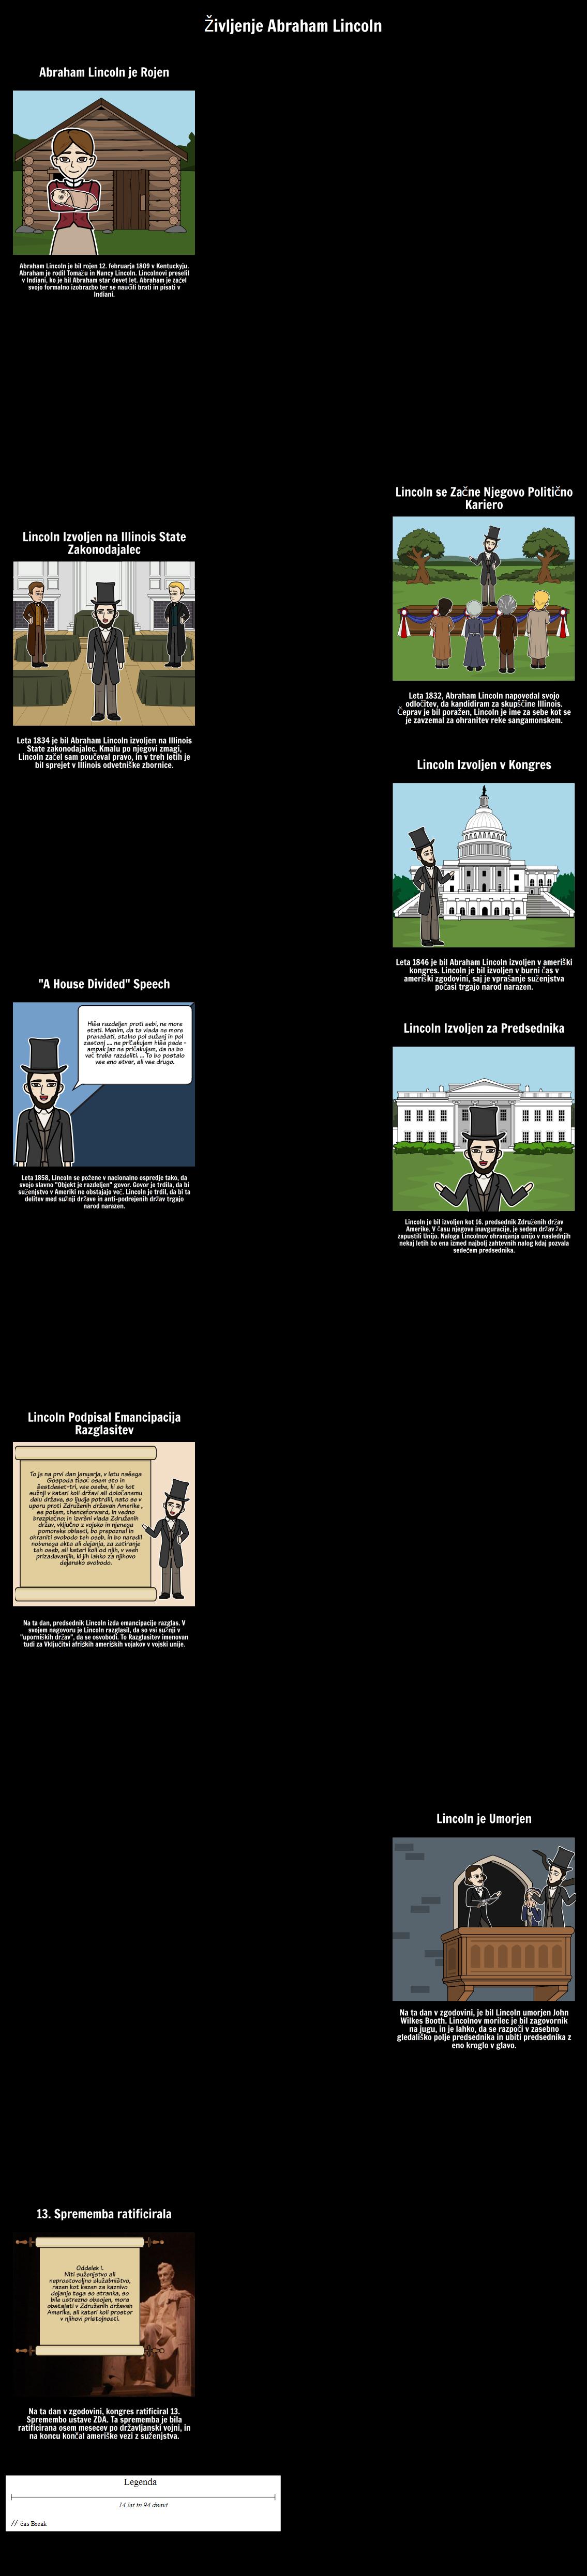 Življenjepis Predsednika